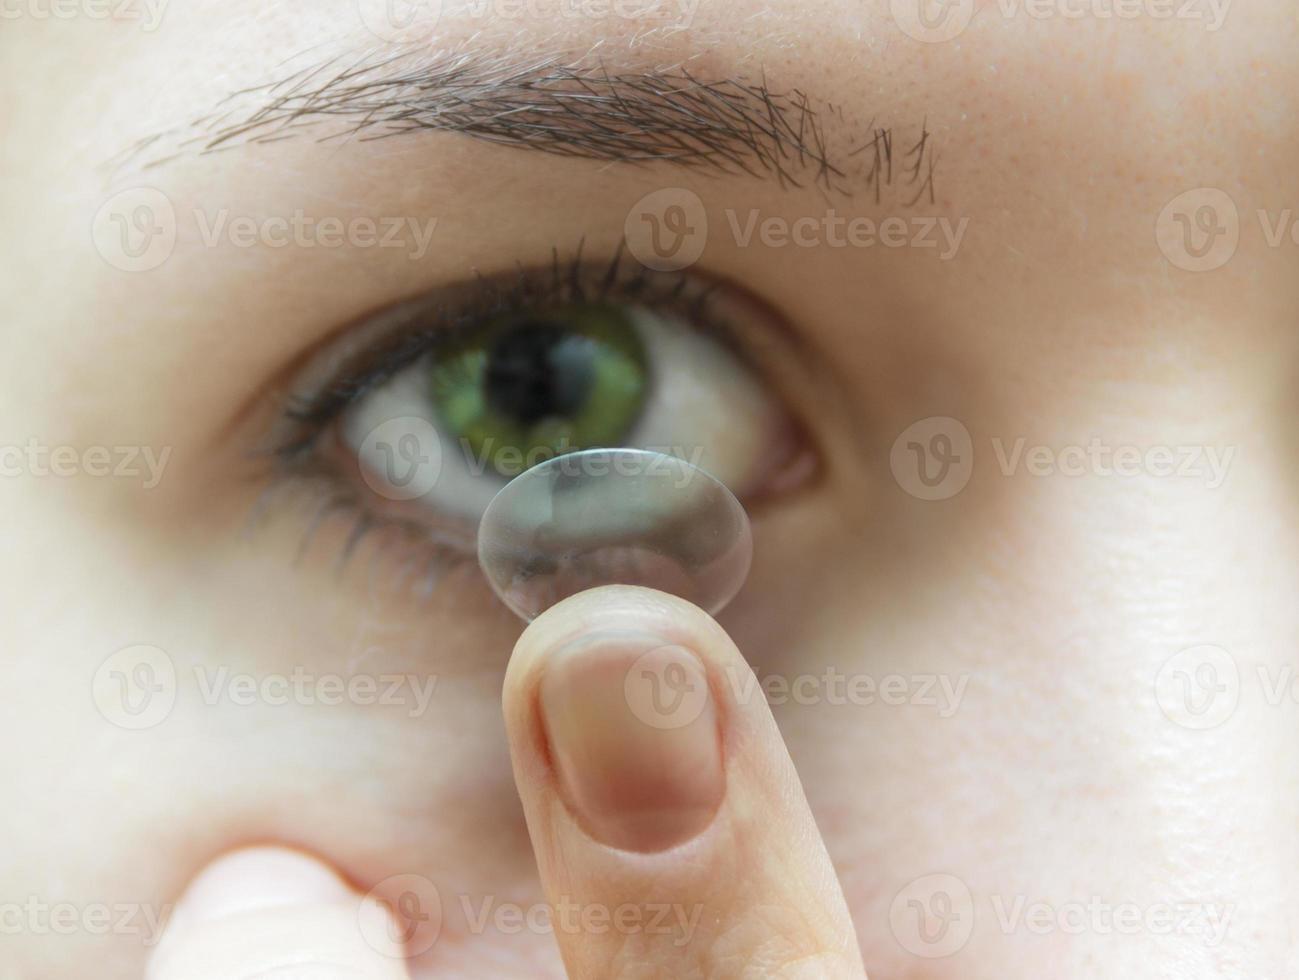 mujer poniendo lentes de contacto en el ojo foto